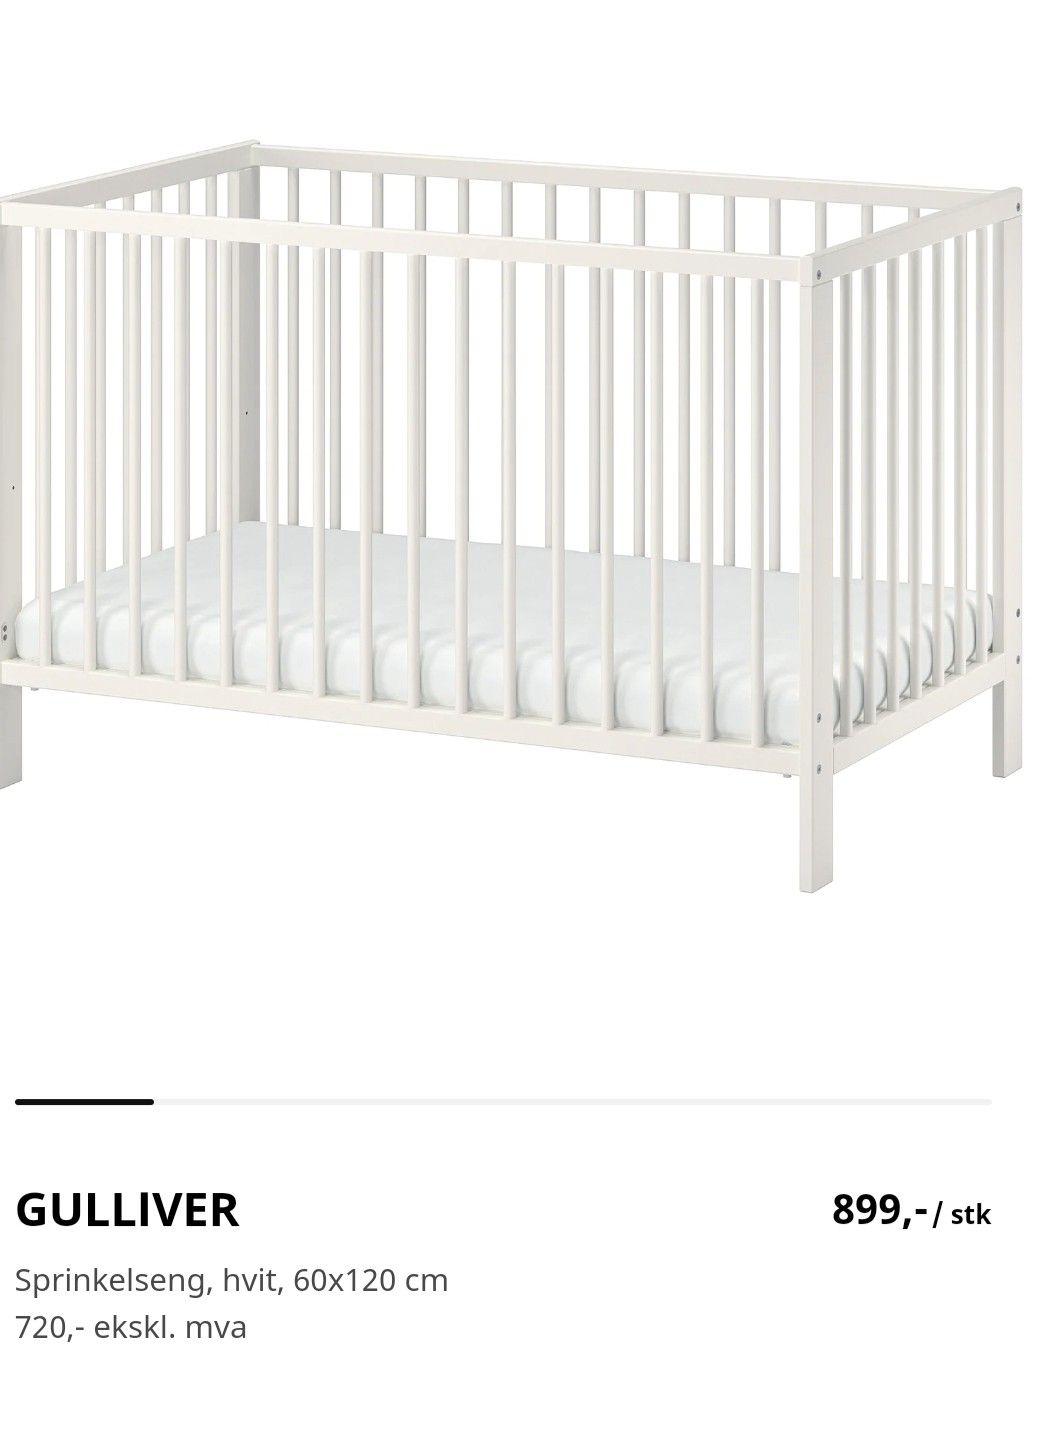 IKEA Gulliver sprinkelseng   FINN.no